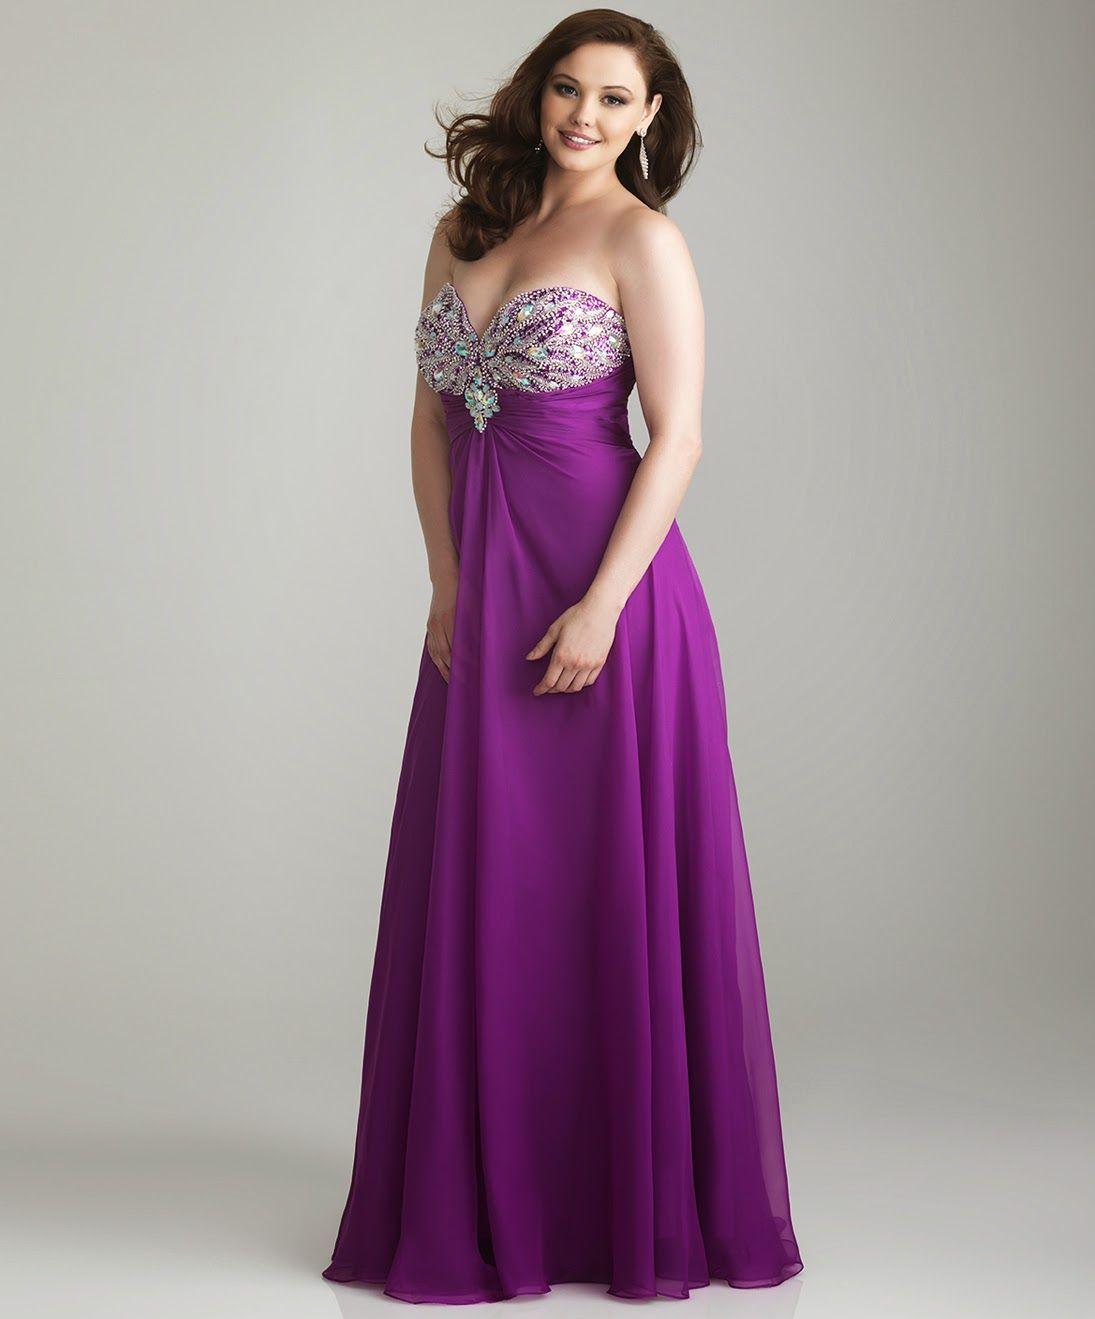 Asombroso Vestidos De Fiesta Sears Colección de Imágenes - Vestido ...